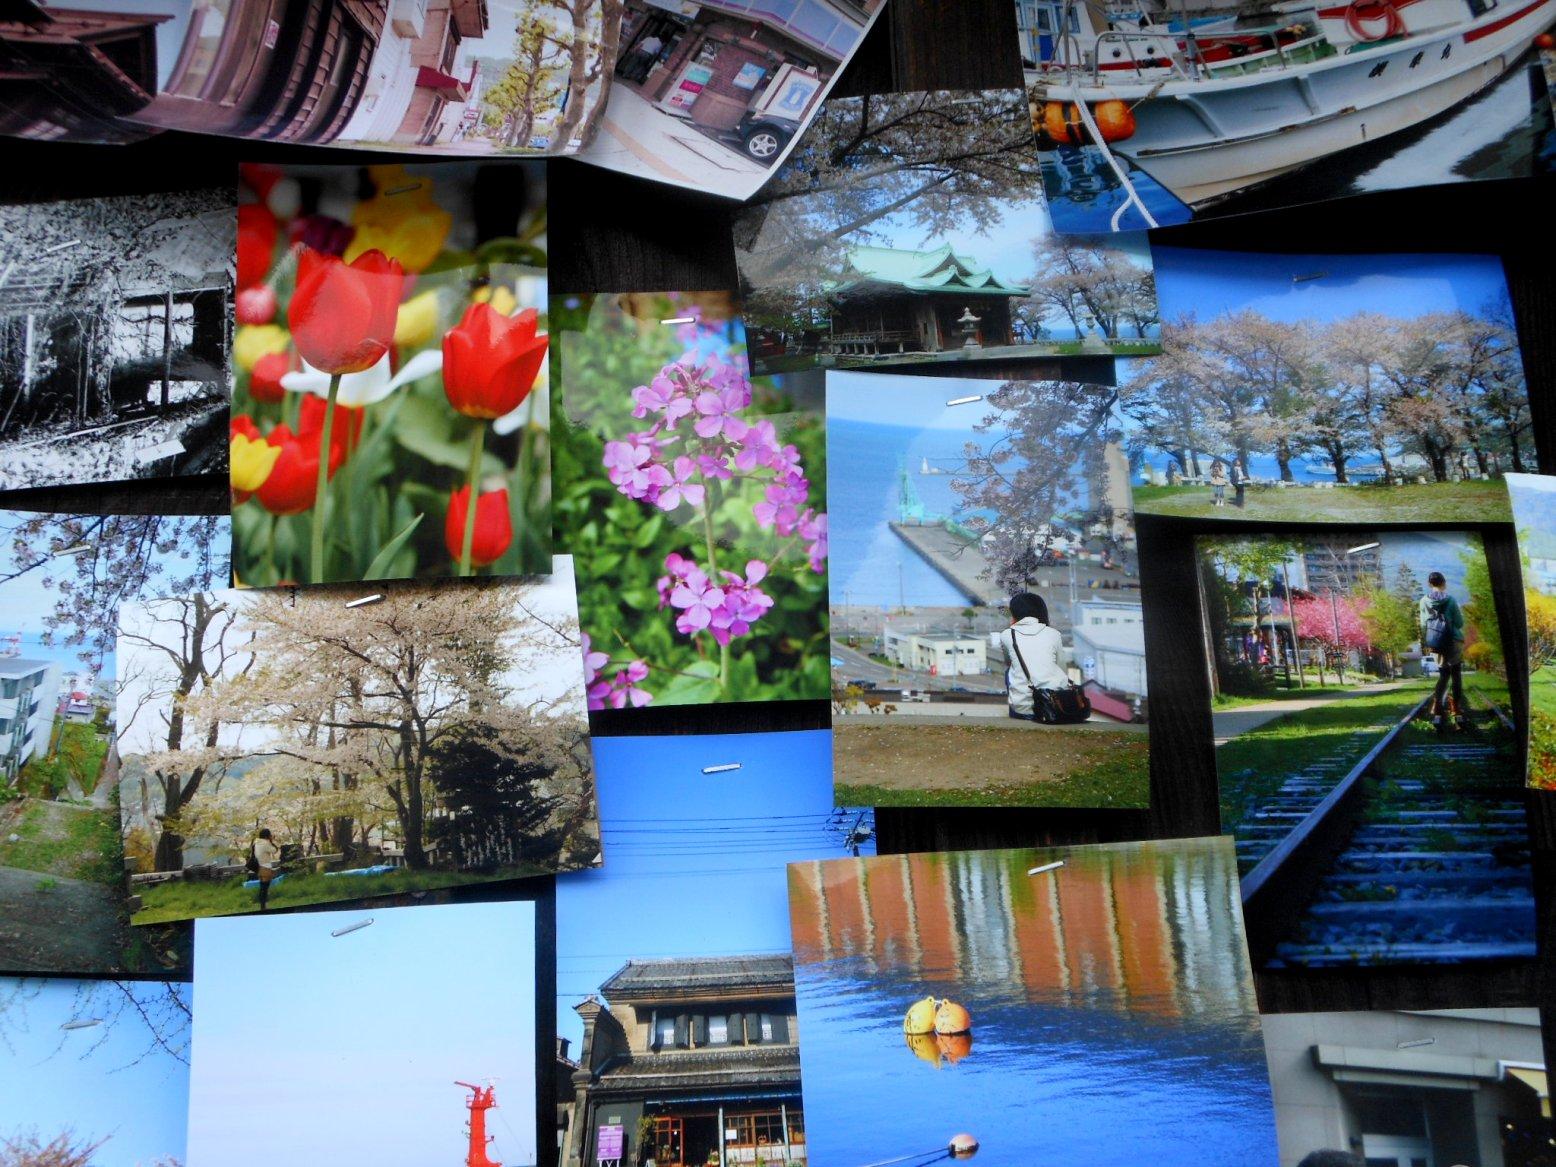 1822) 「小樽・鉄路・写真展 13th 2012」 小樽旧手宮線跡地 8月27日(月)~9月9日(日)_f0126829_9153264.jpg